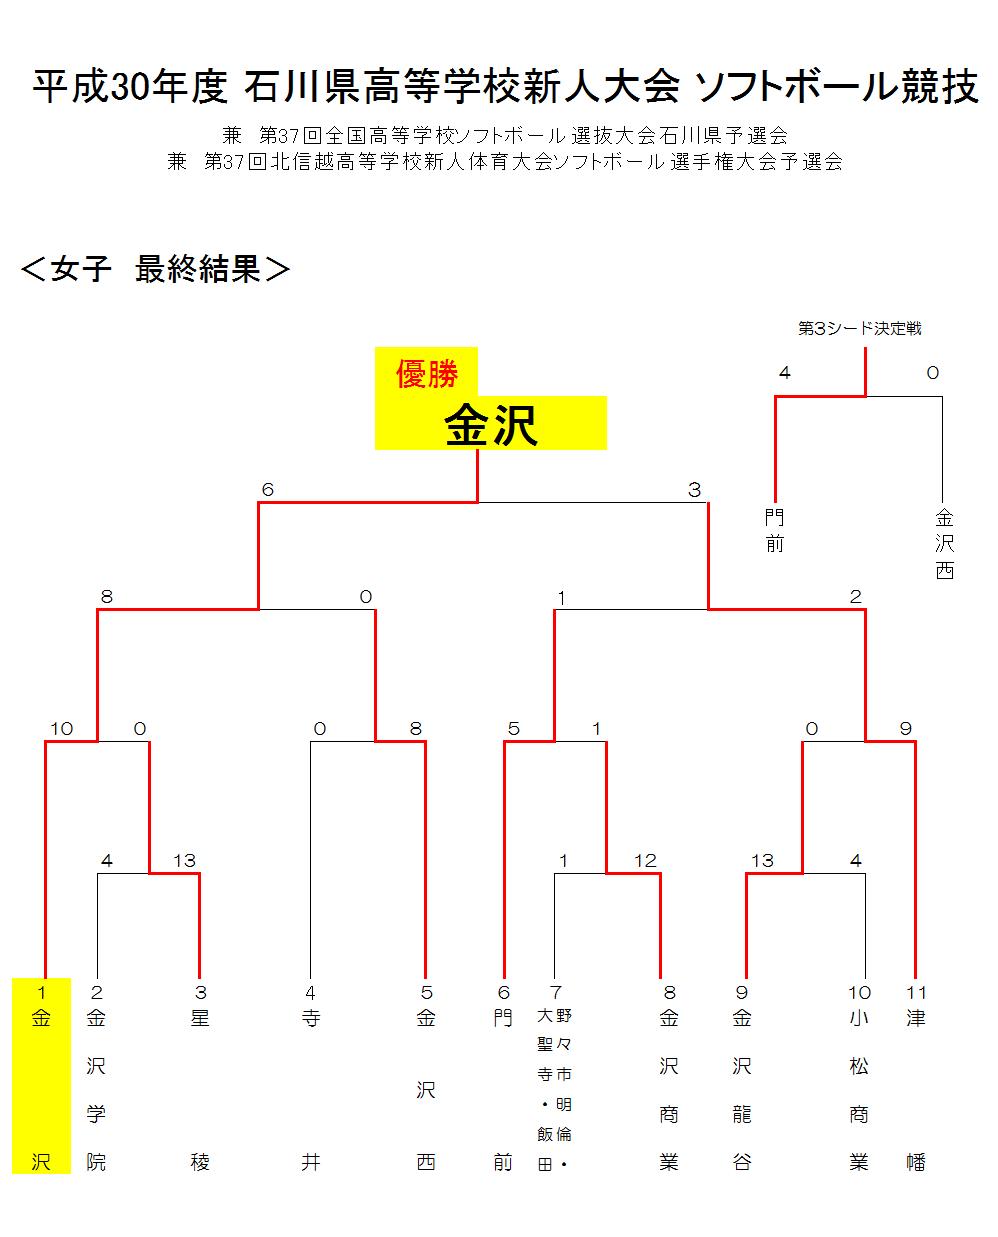 石川県ソフトボール協会